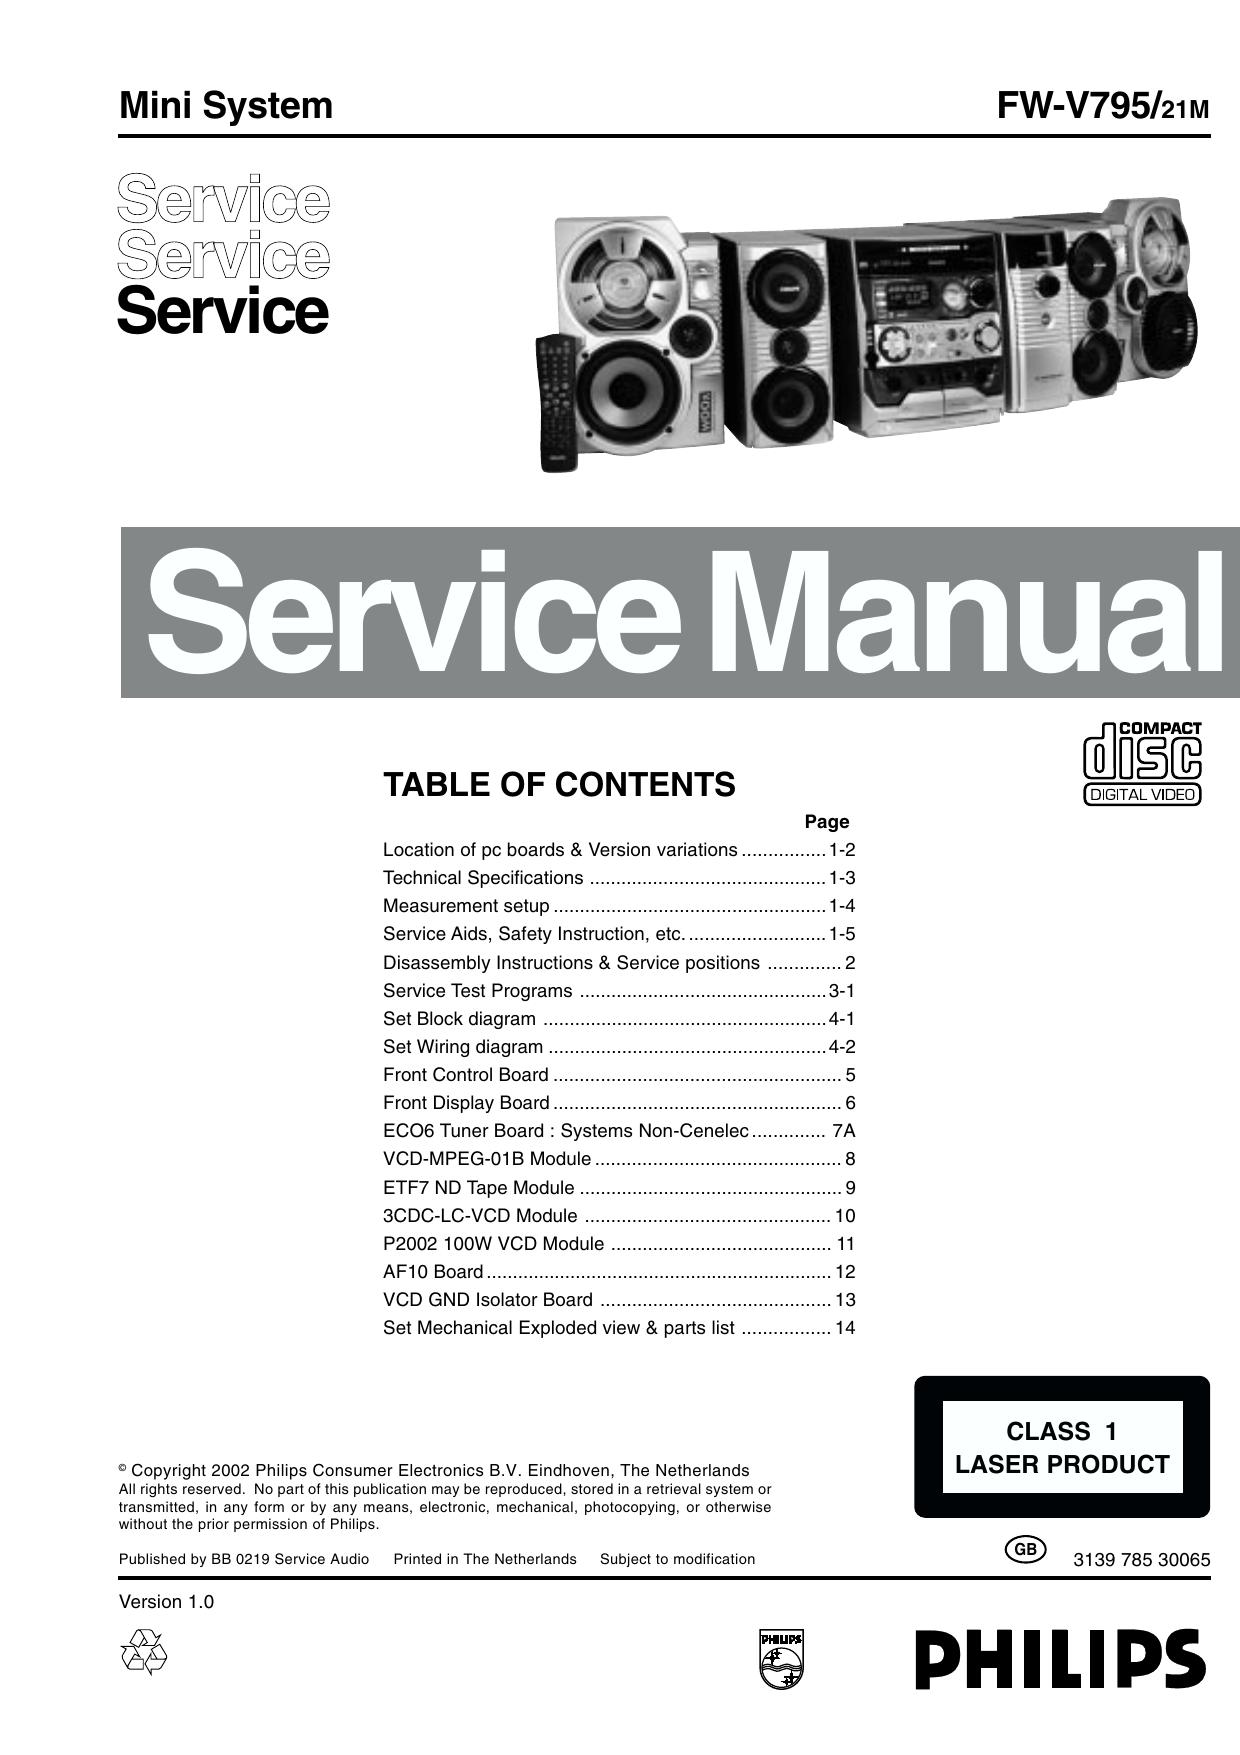 Service Manual FW-V795/21M - Diagramasde.com   manualzz.com on